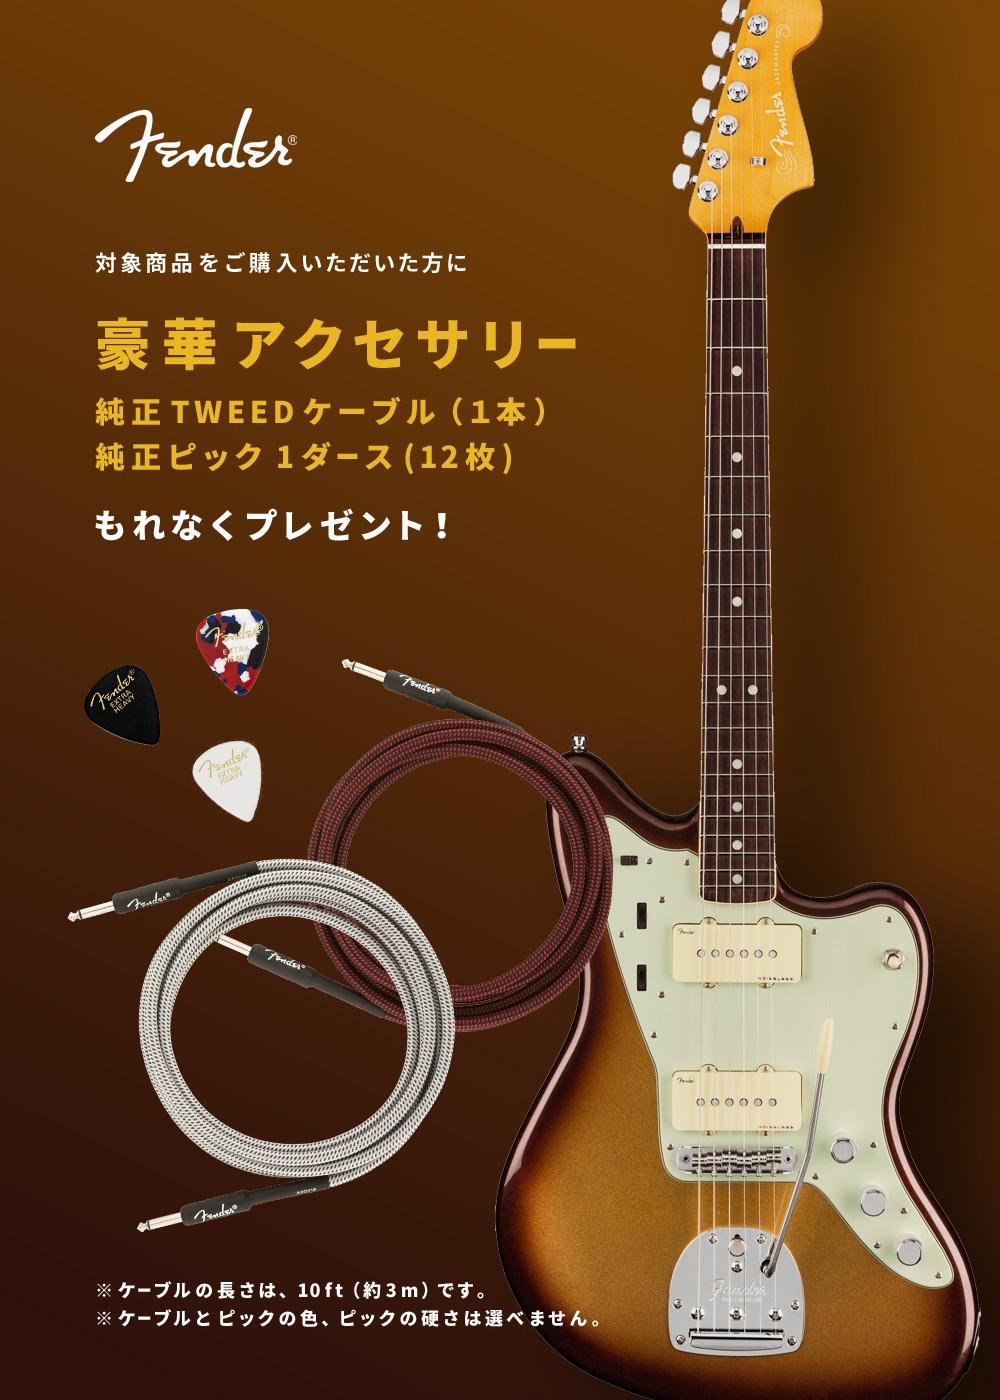 Fender | 豪華アクセサリー(純正TWEEDケーブル1本&純正ピック1ダース)プレゼント!【イシバシ楽器】